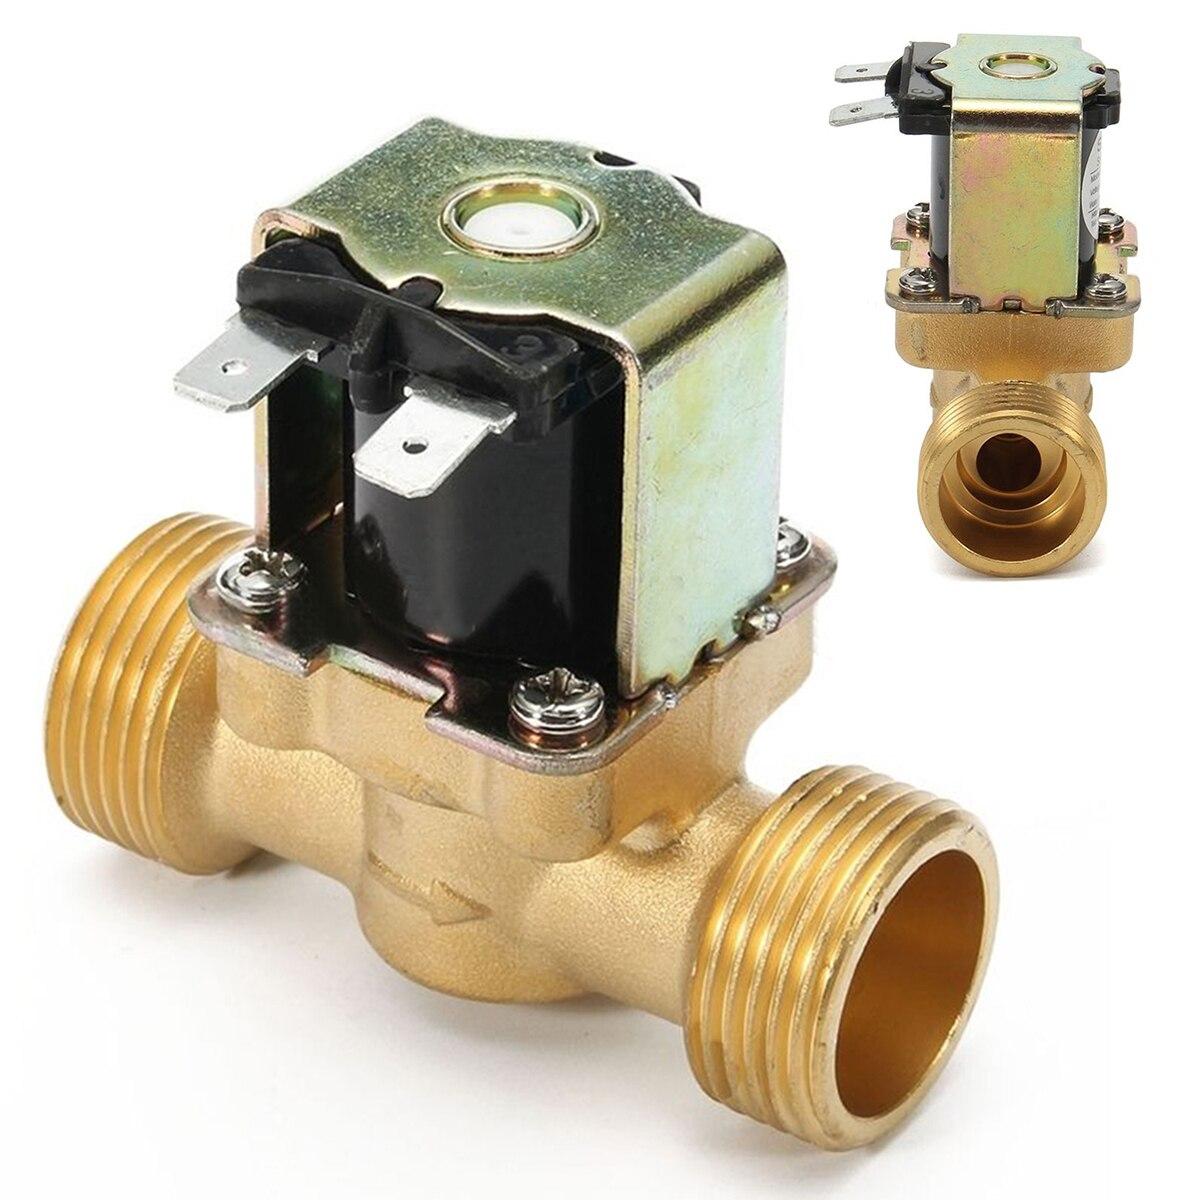 Clever Mode Neue 3/4 Zoll Npsm 12 V Dc Schlank Messing Elektrische Magnetventil Gas Wasser Luft In Der Regel Geschlossen 2 Weg 2 Position Membran V Heimwerker